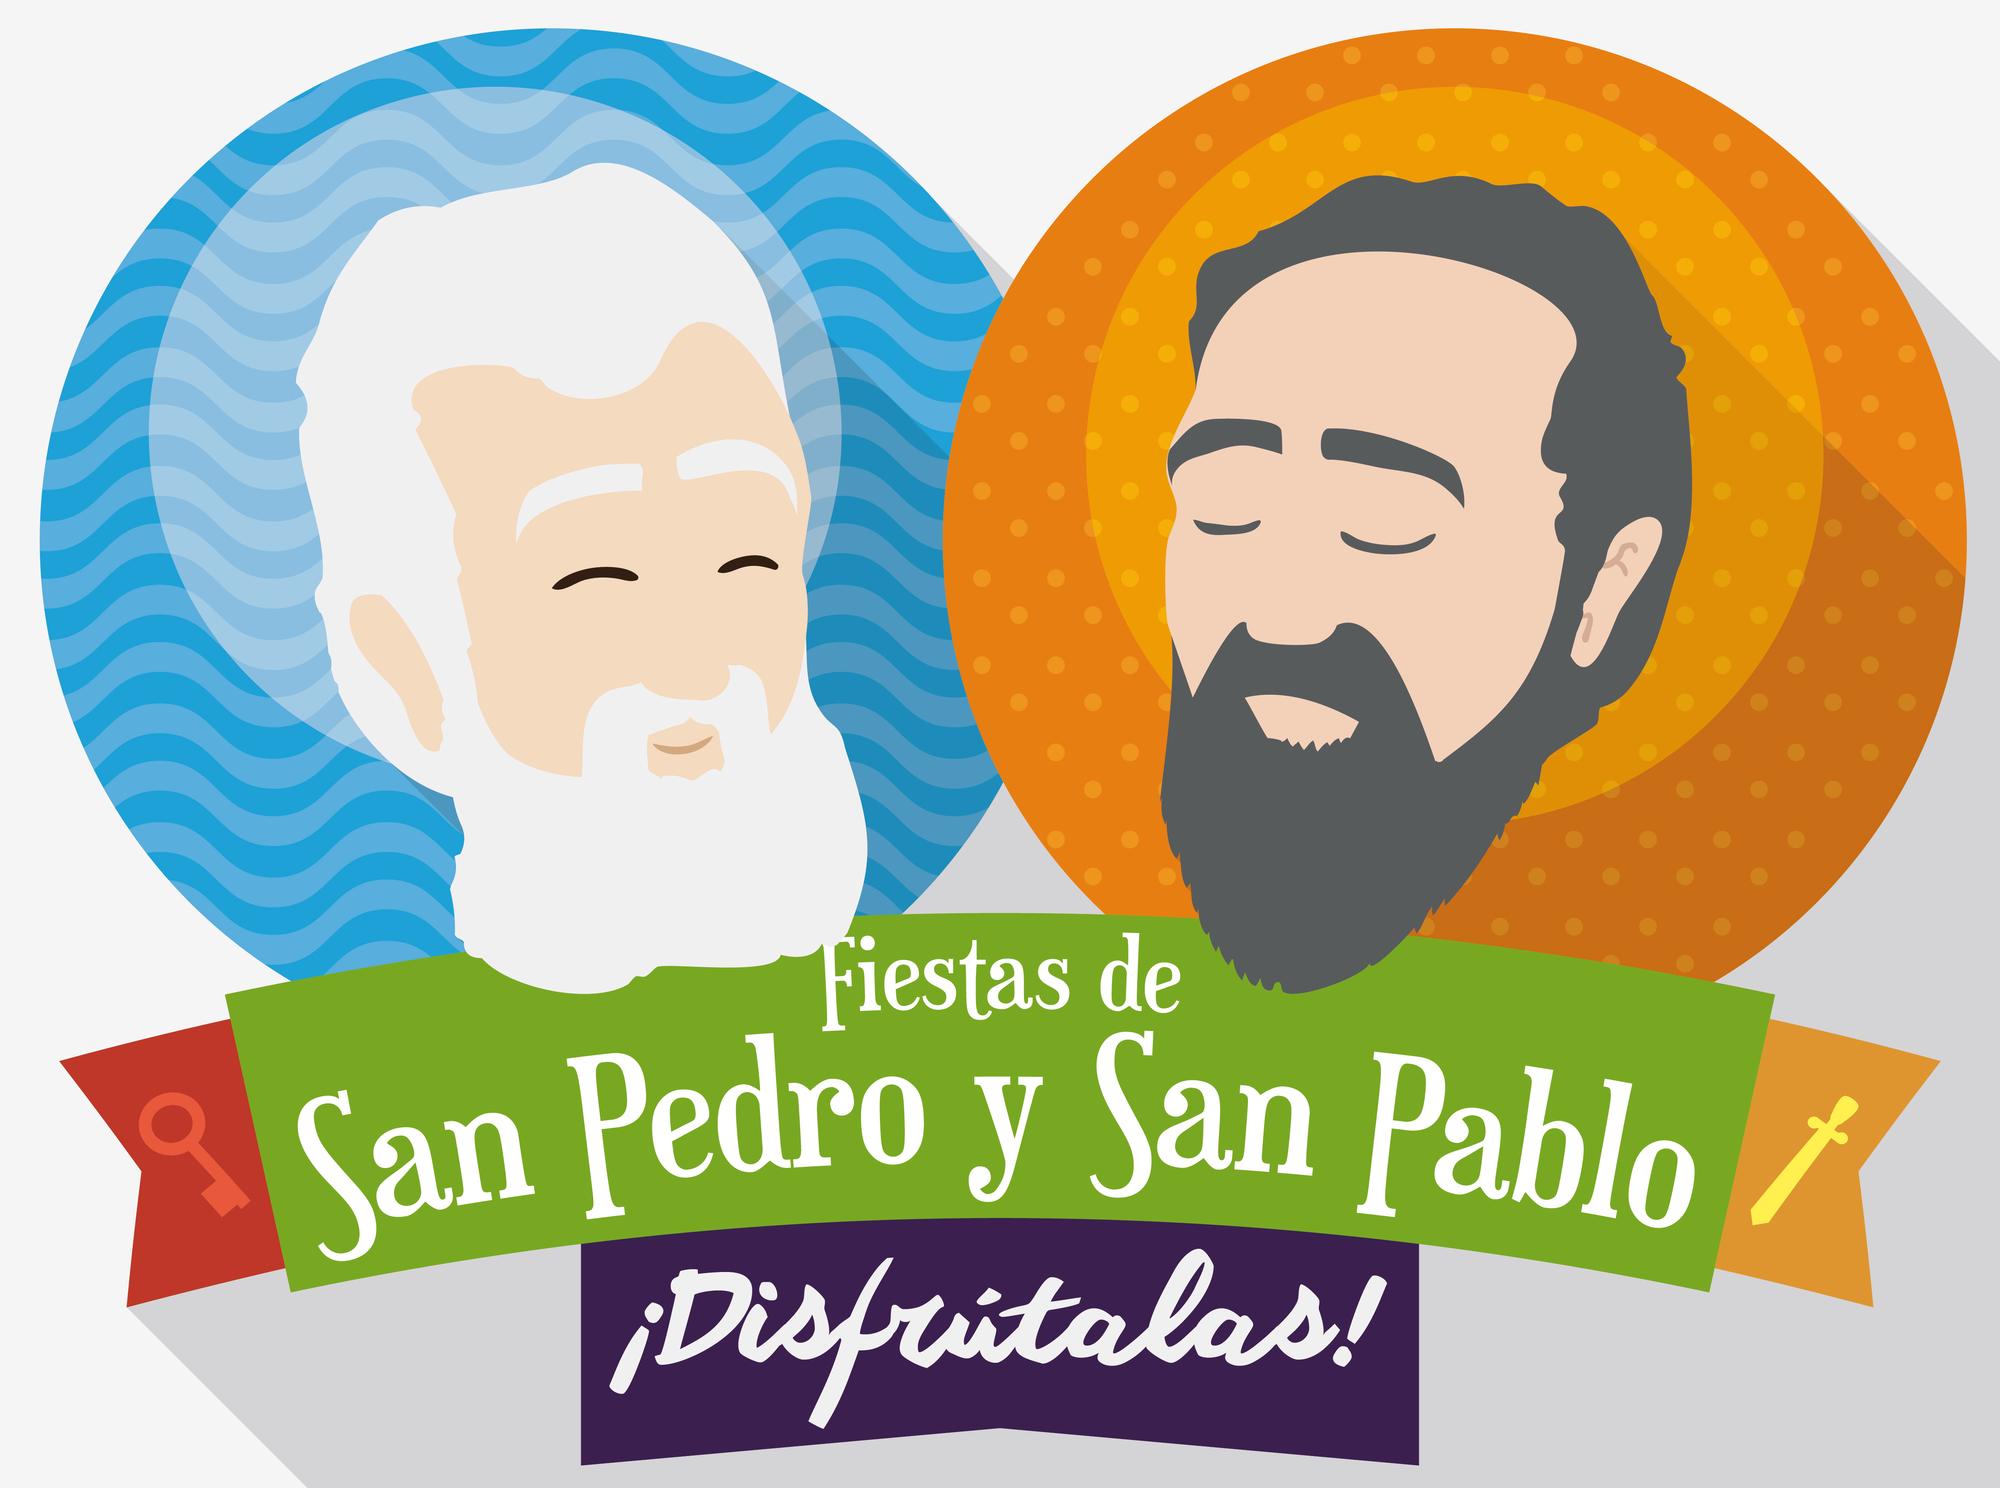 День Петра и Павла 2020: Традиции и суеверия